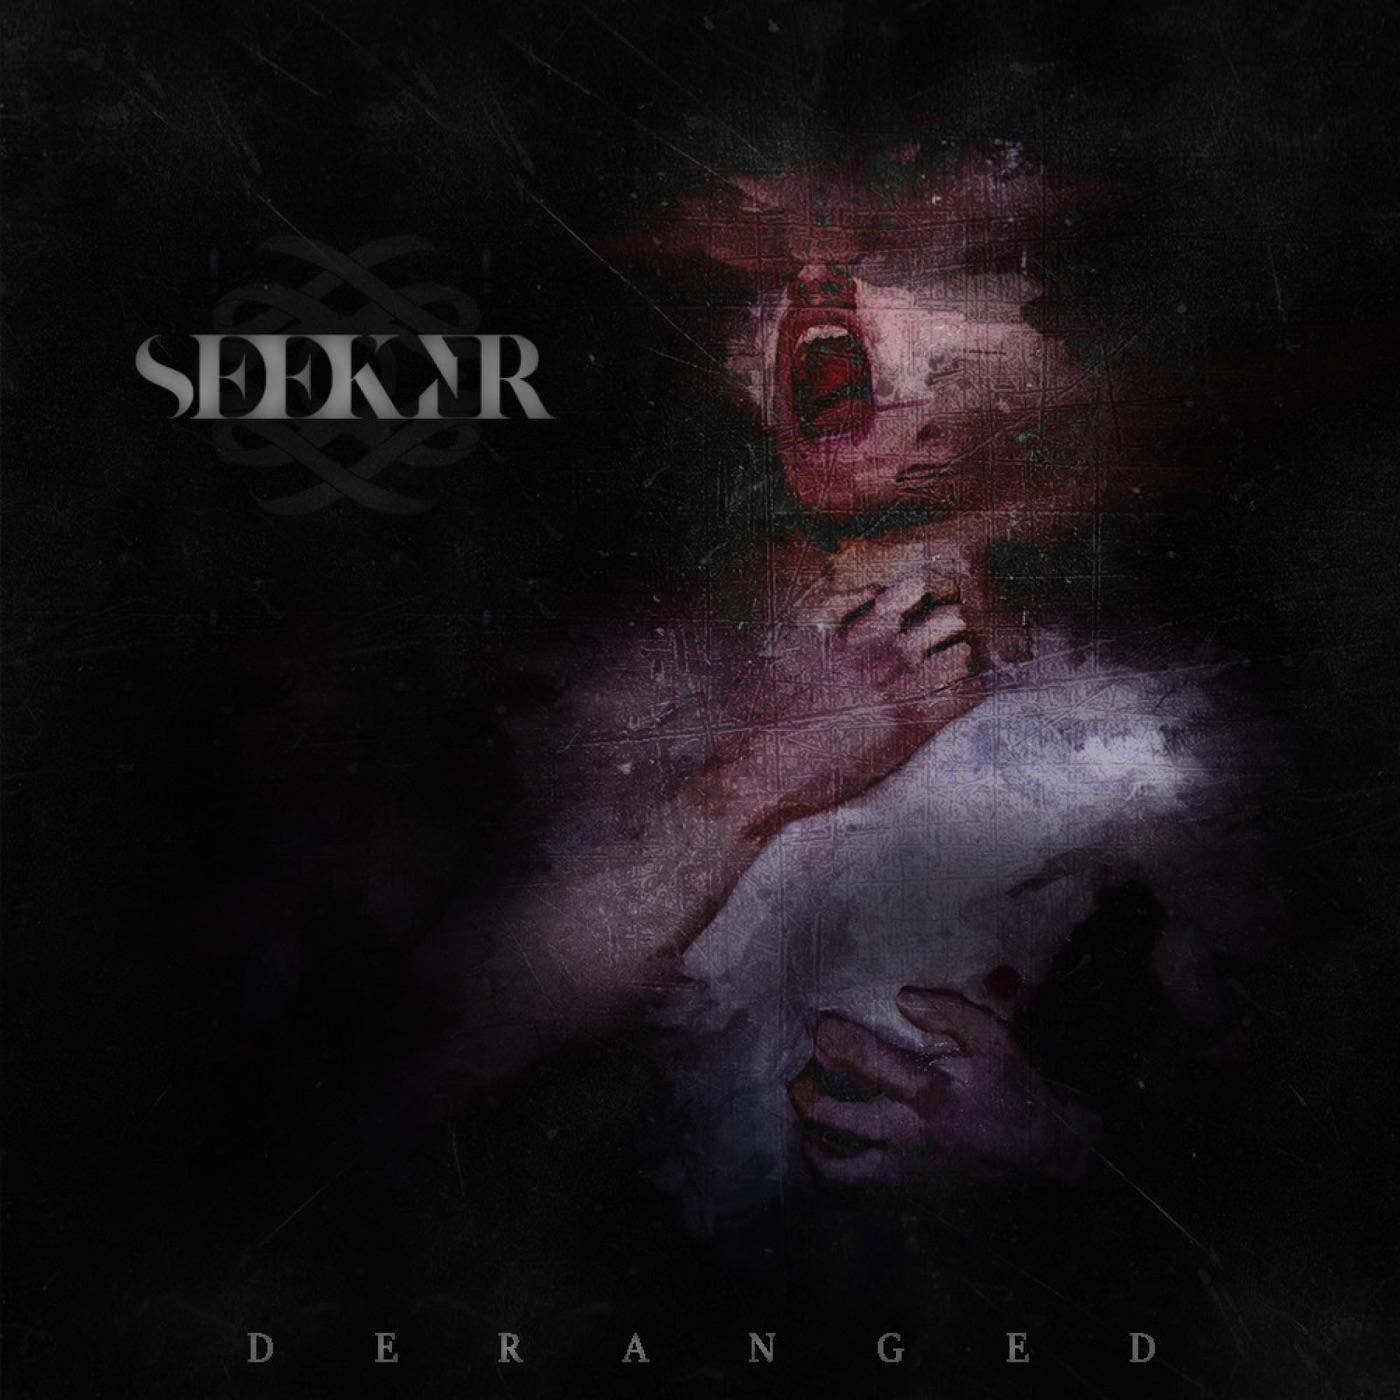 Seeker - Deranged [single] (2020)